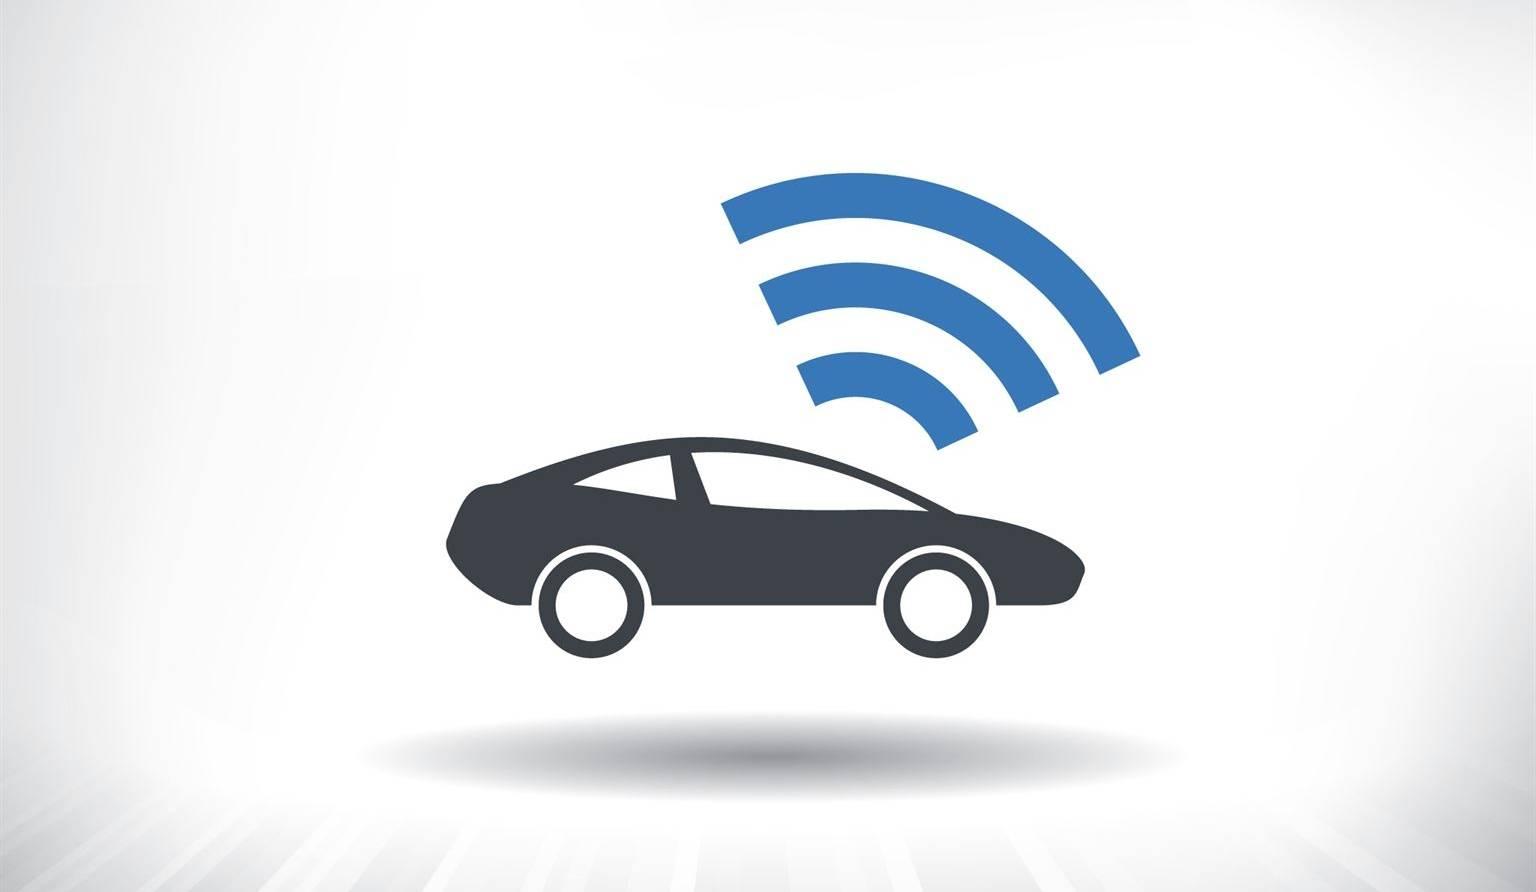 Autos connectées: la sécurité fonce-t-elle dans un mur?